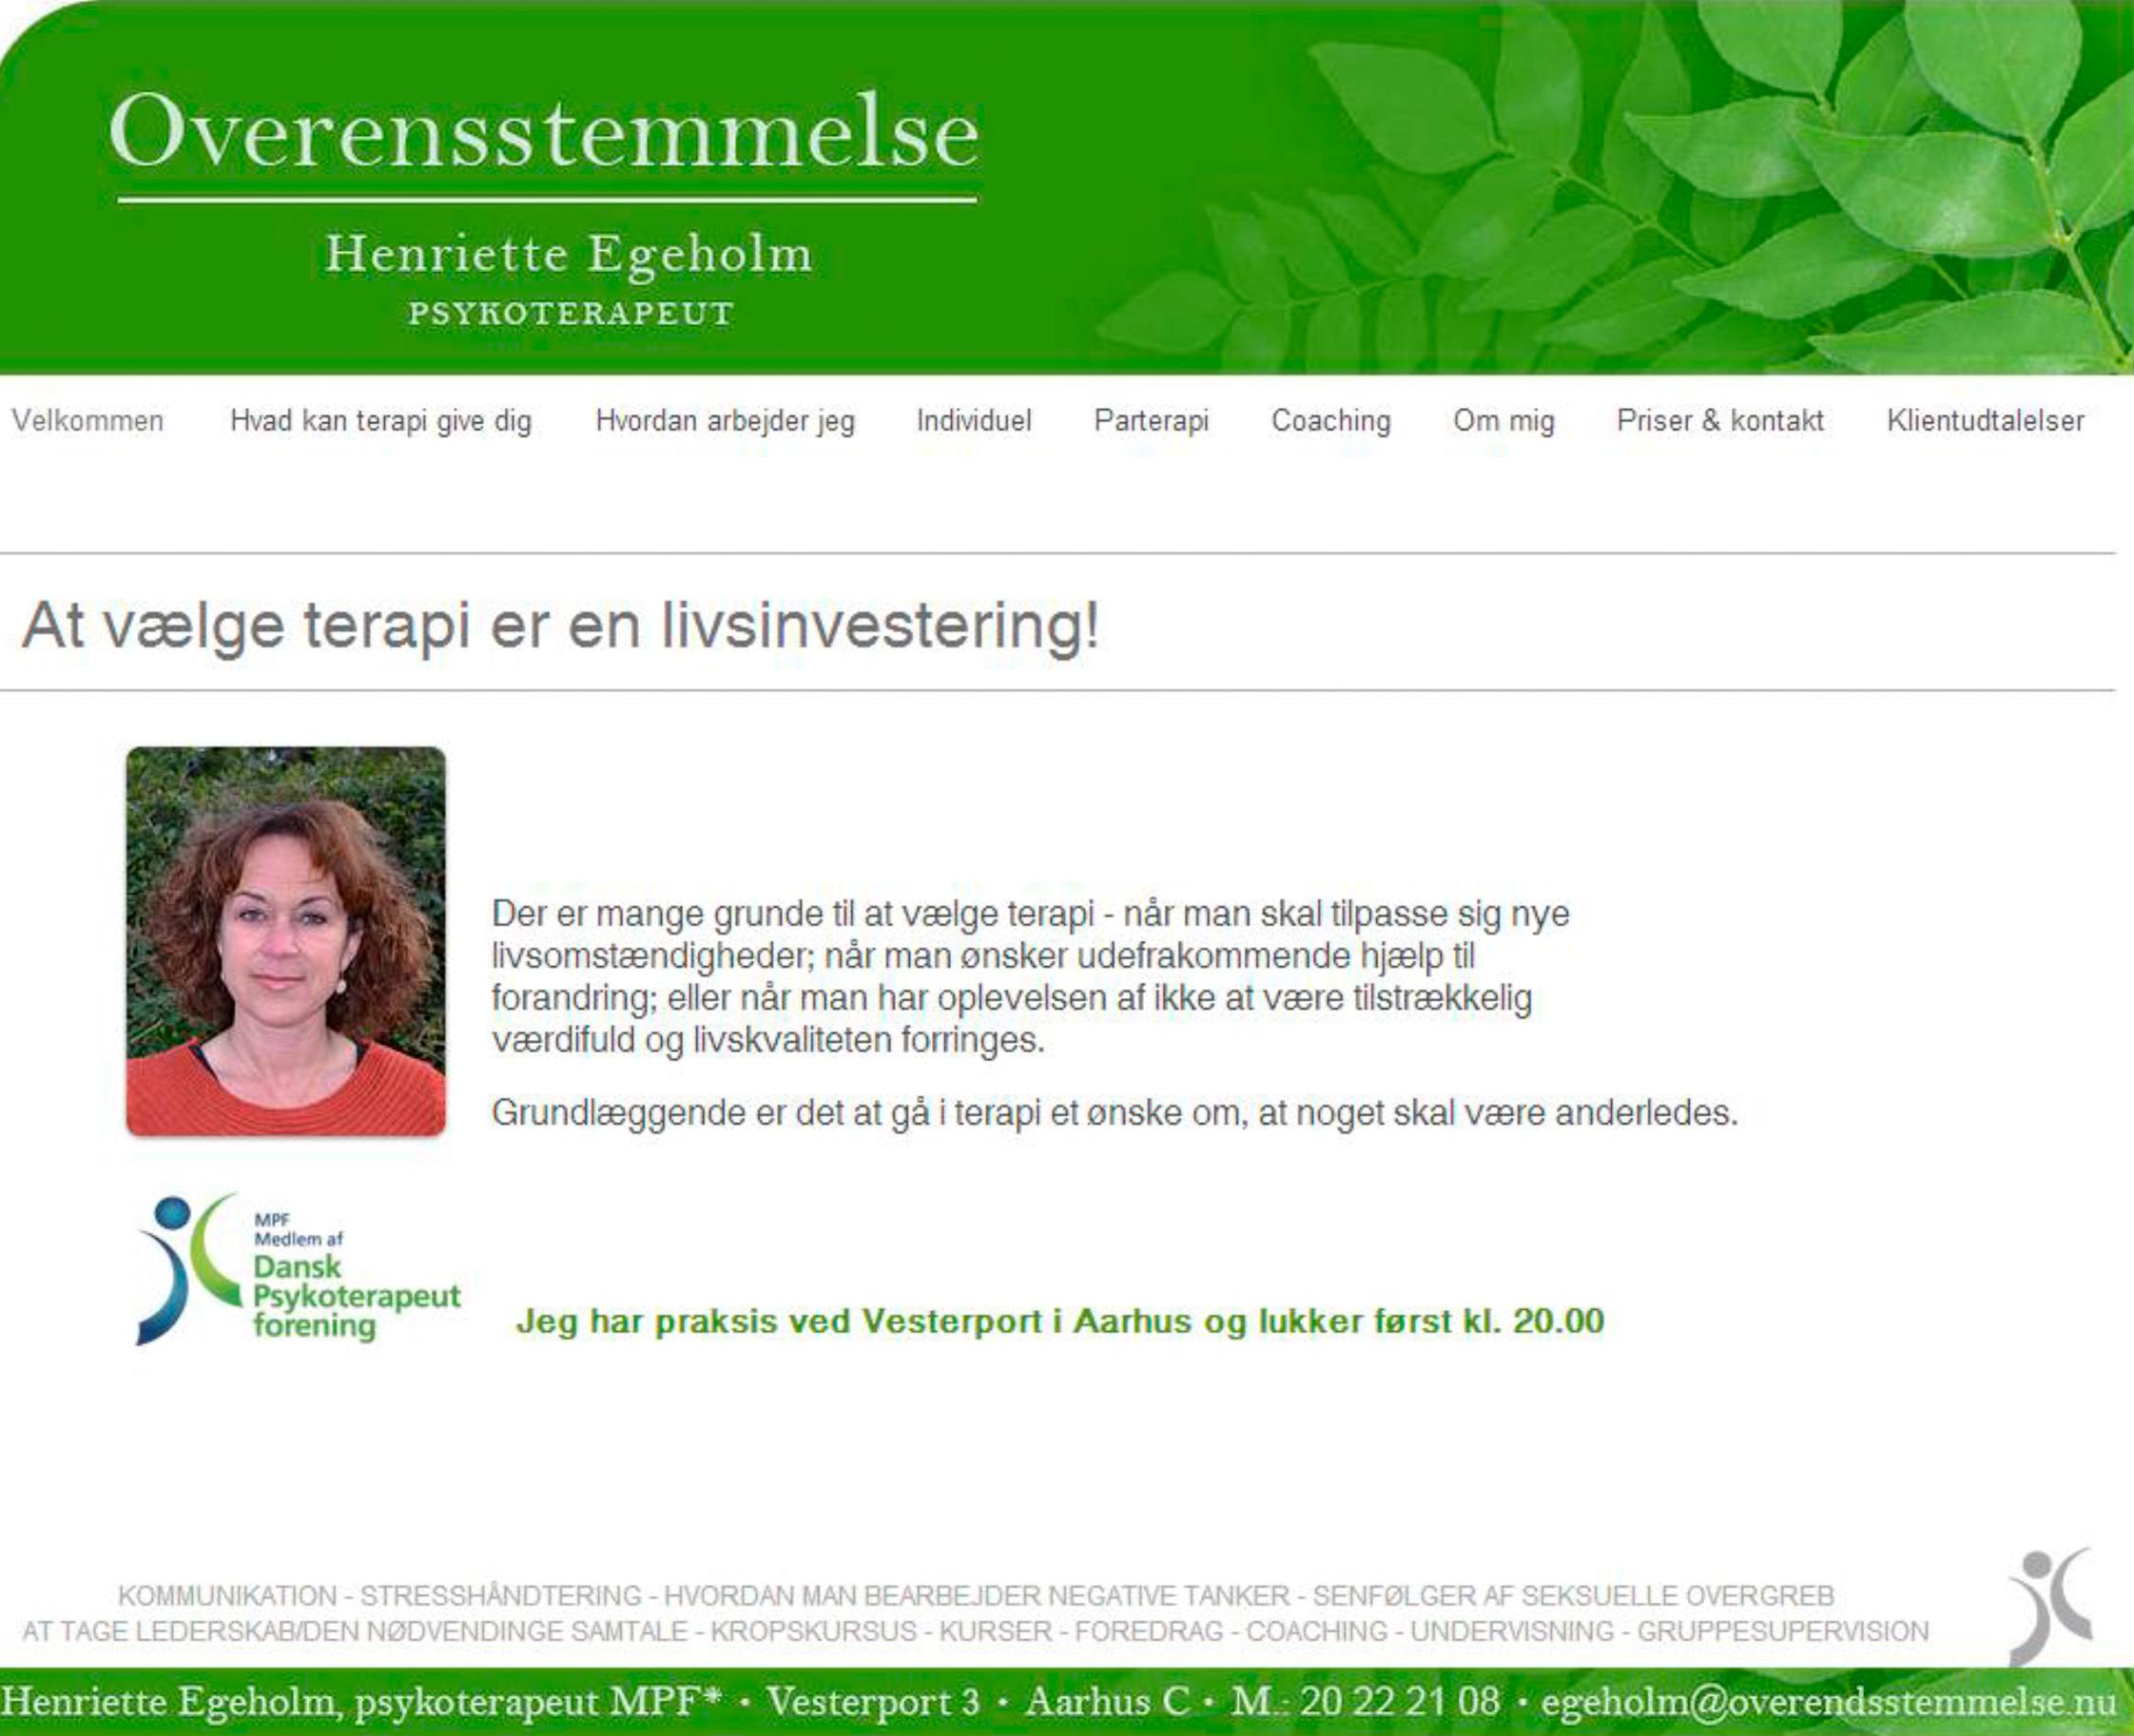 Psykoterapeut Henriette Egeholm